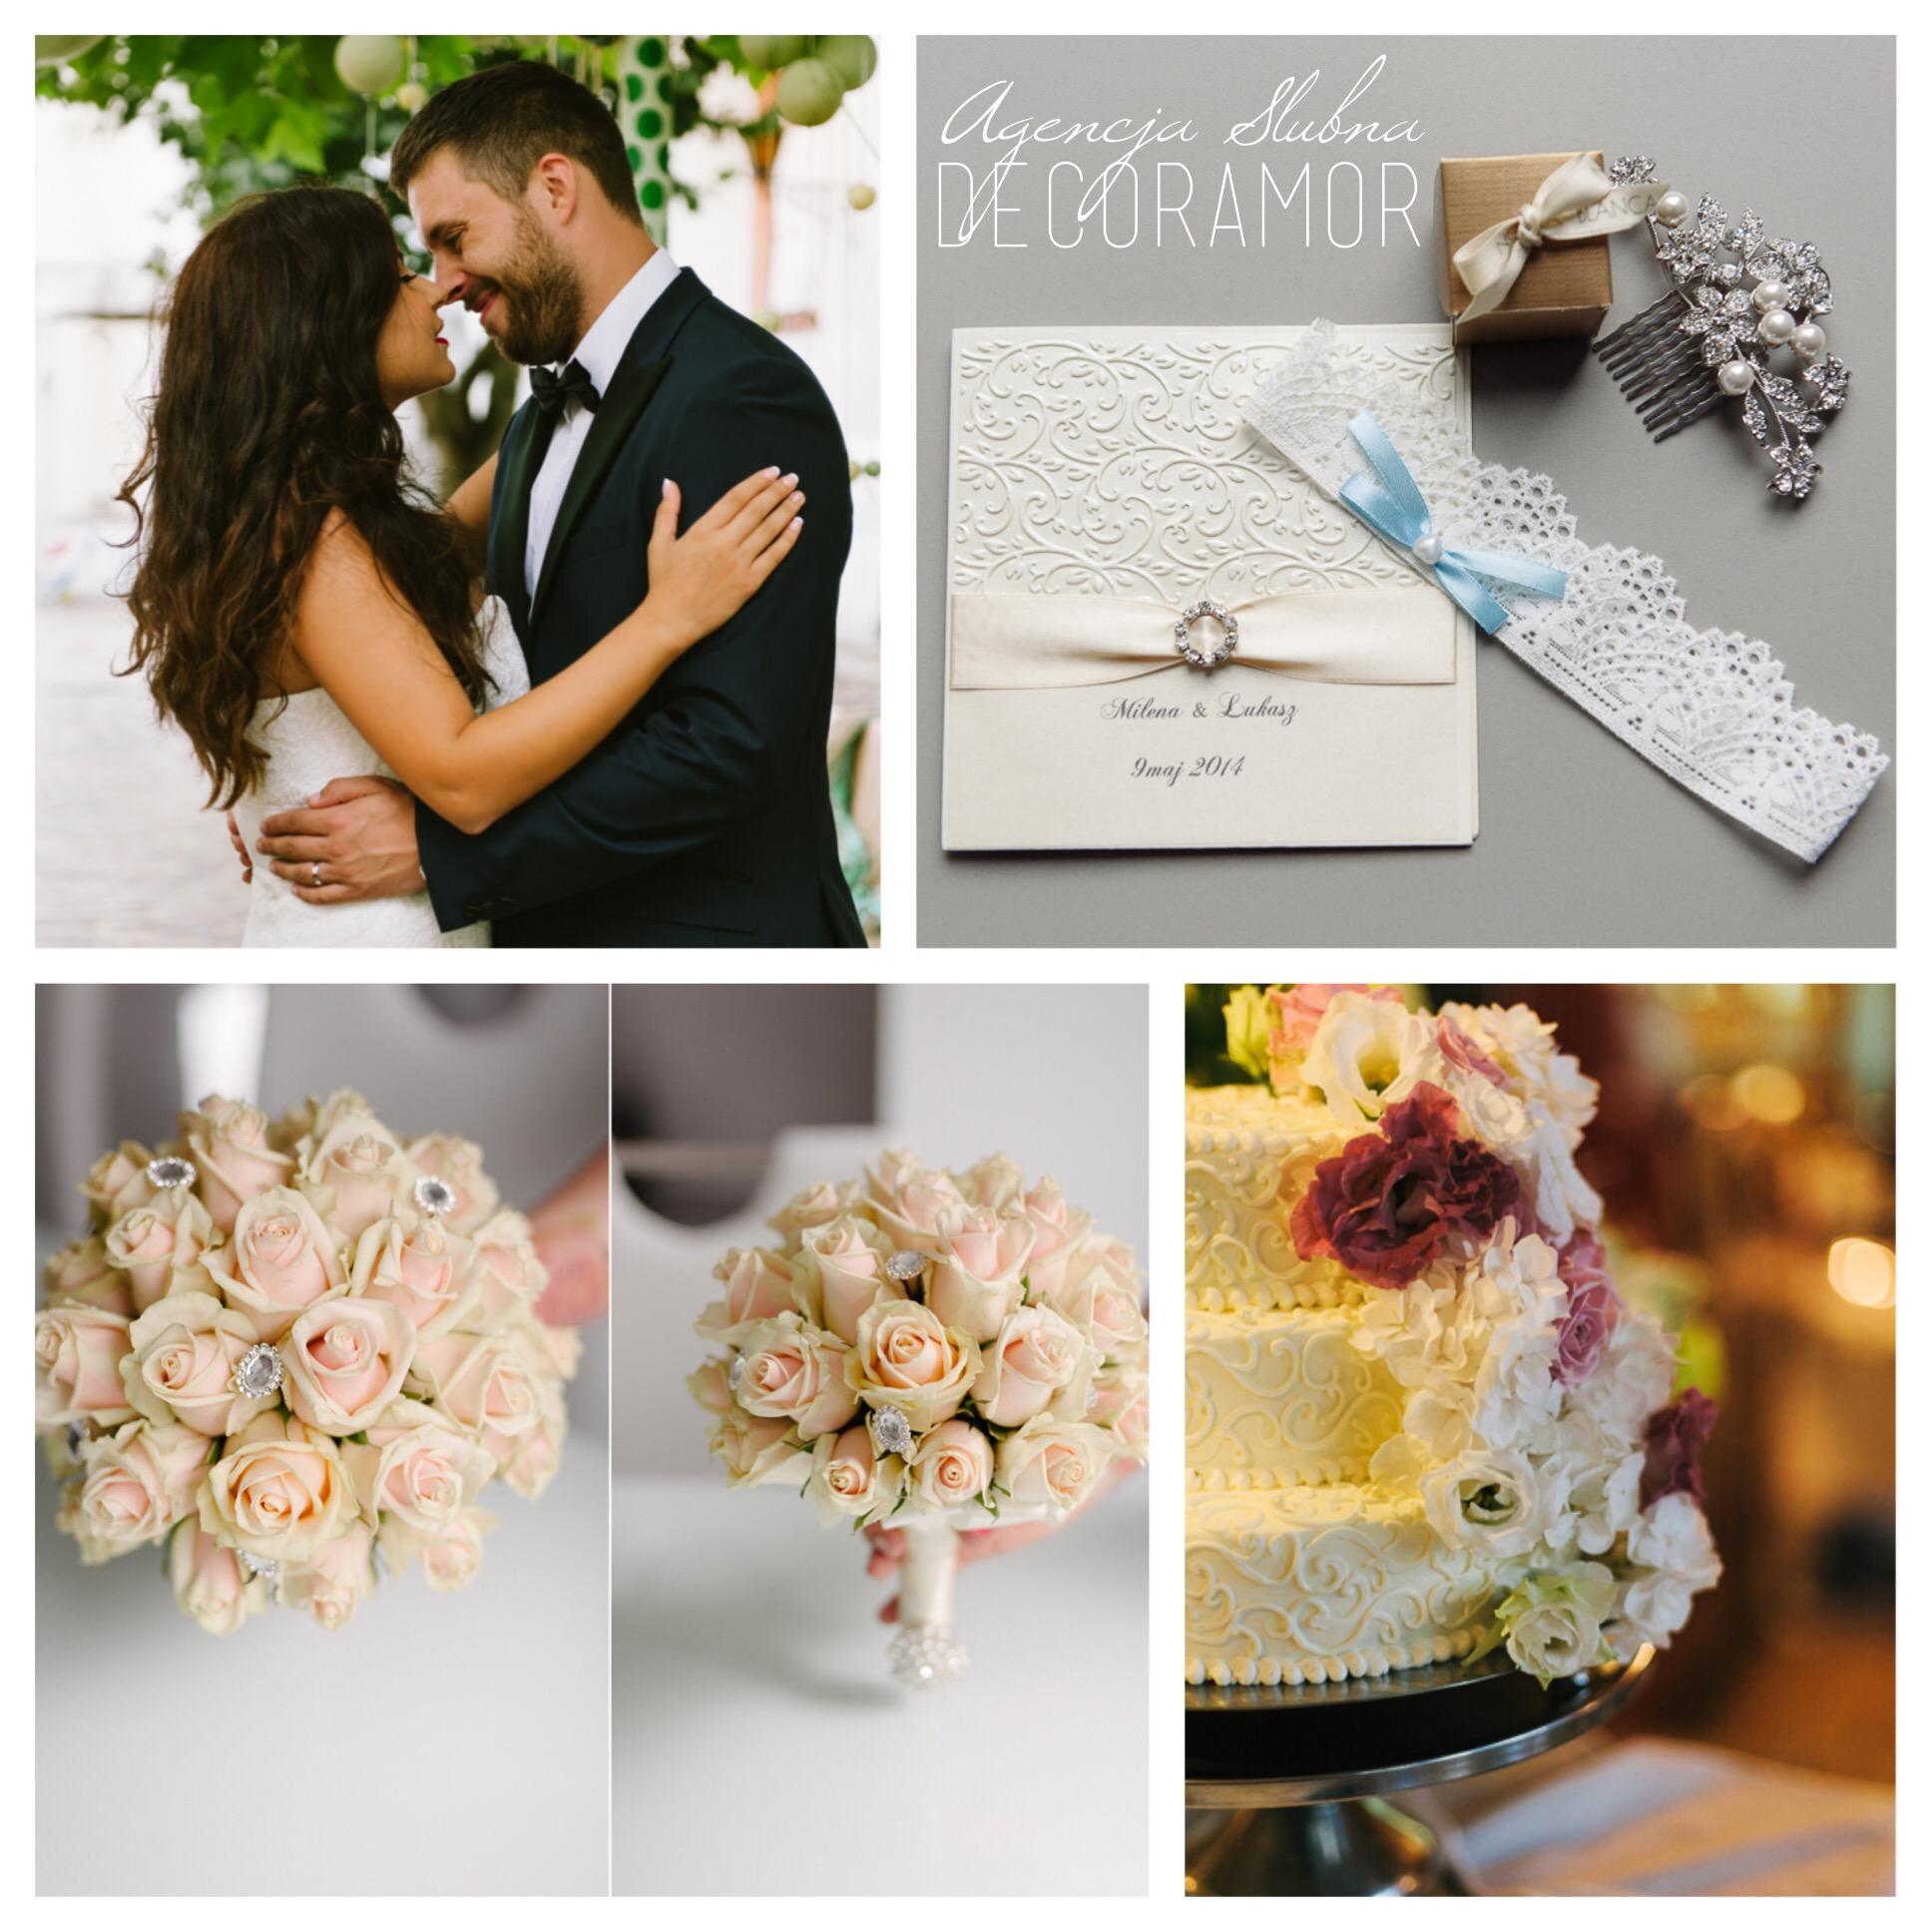 DecorAmor pośród 8 najlepszych Agencji Ślubnych - Wedding Plannerów w Polsce